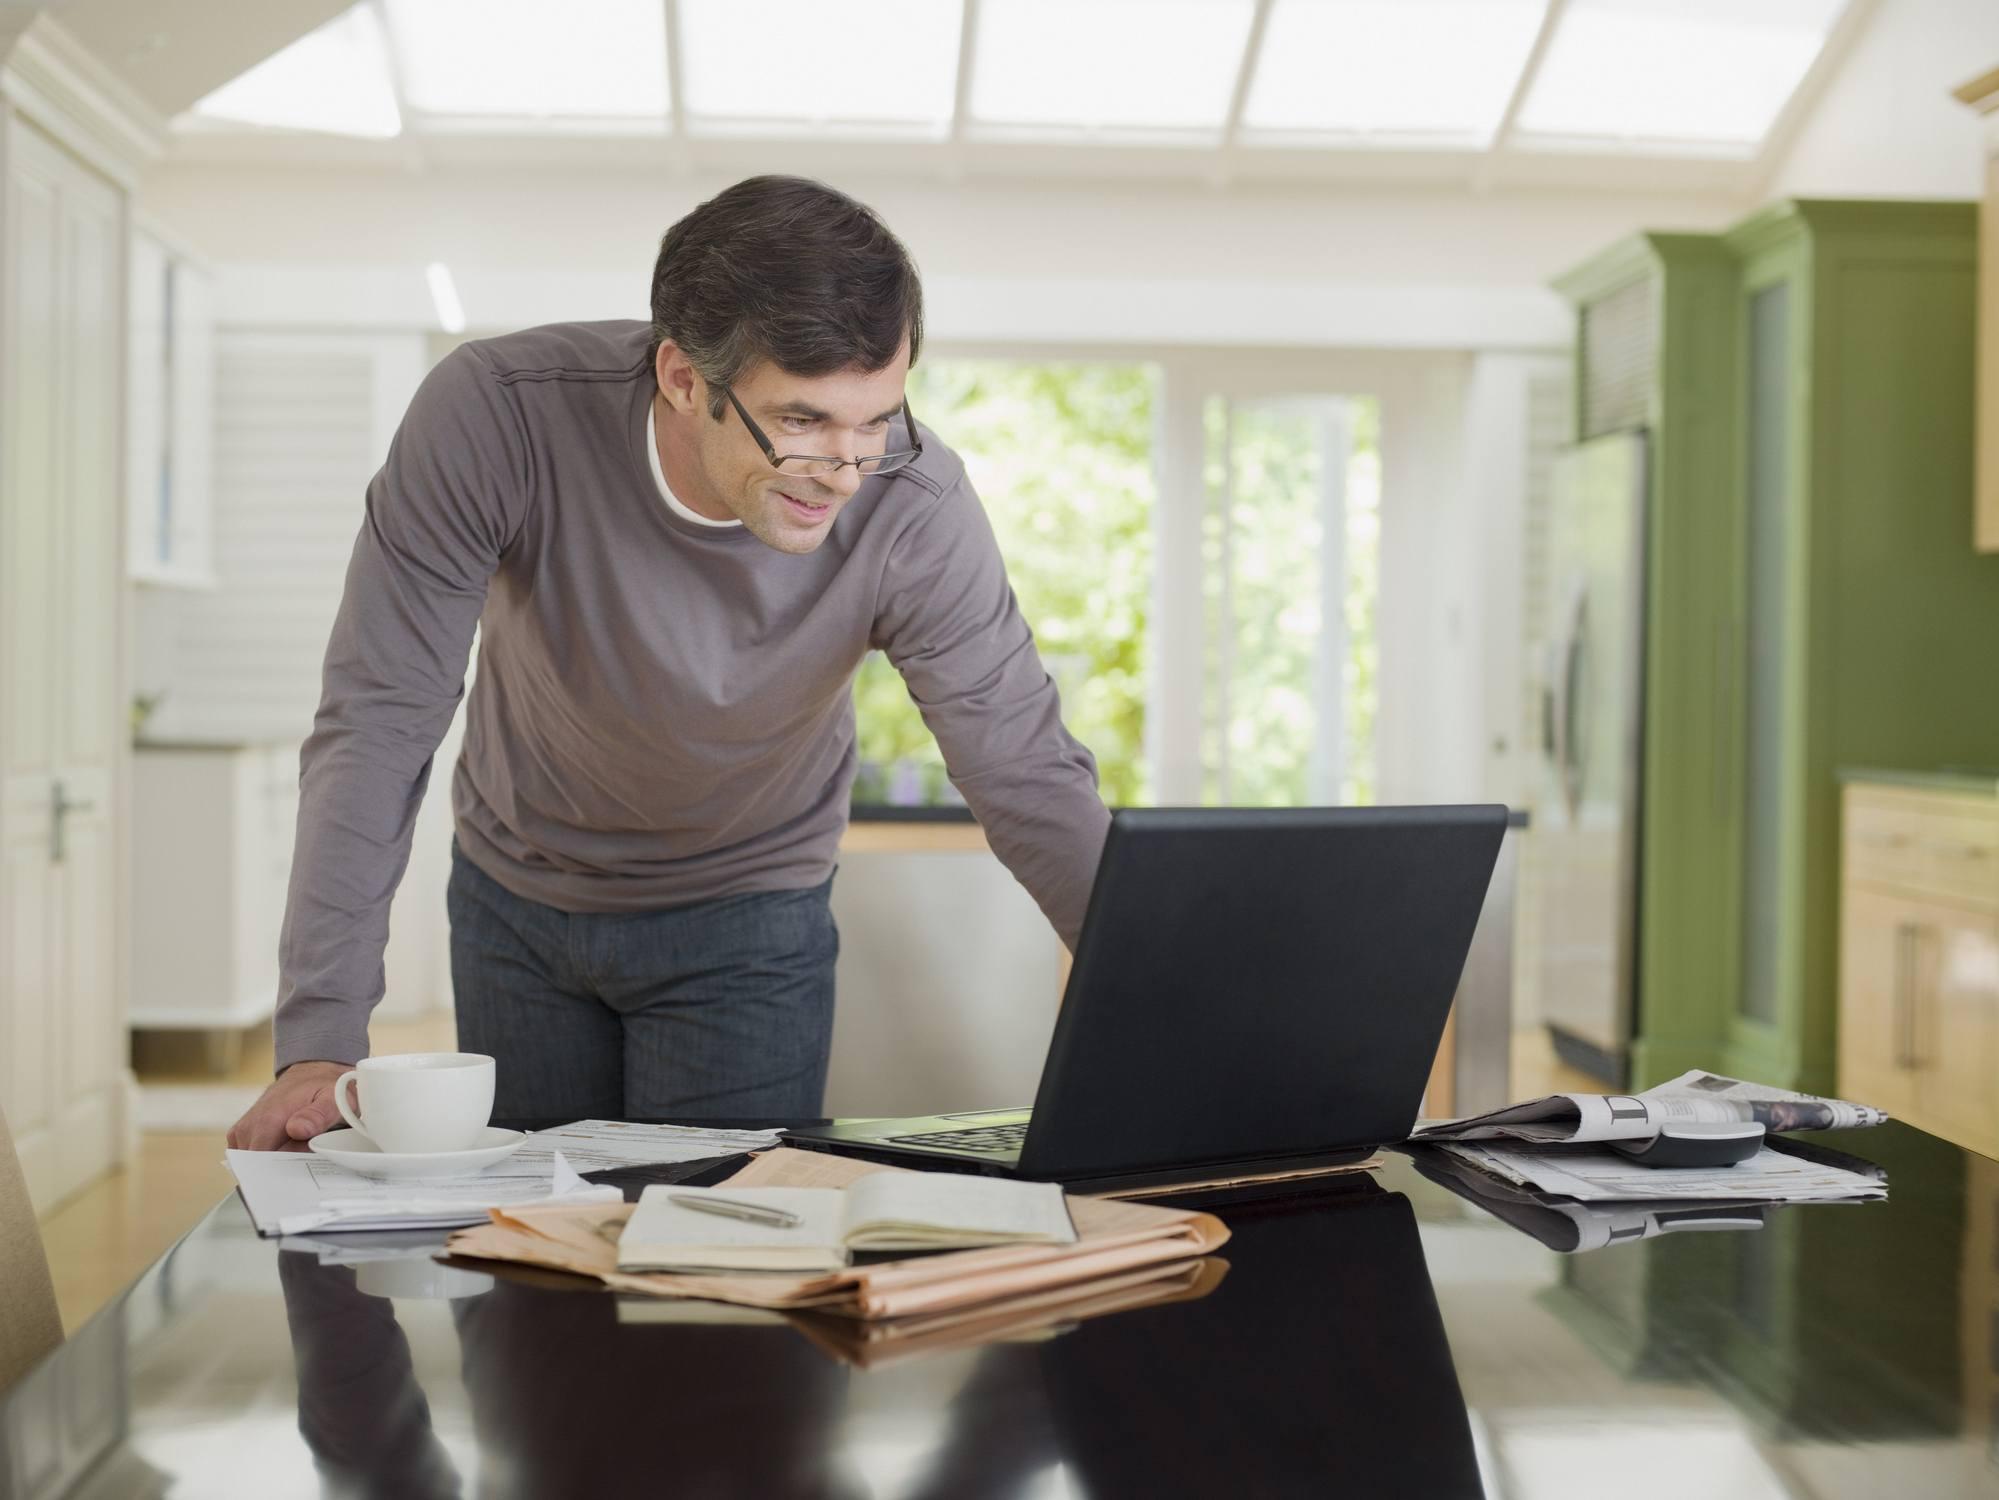 Man at kitchen desk